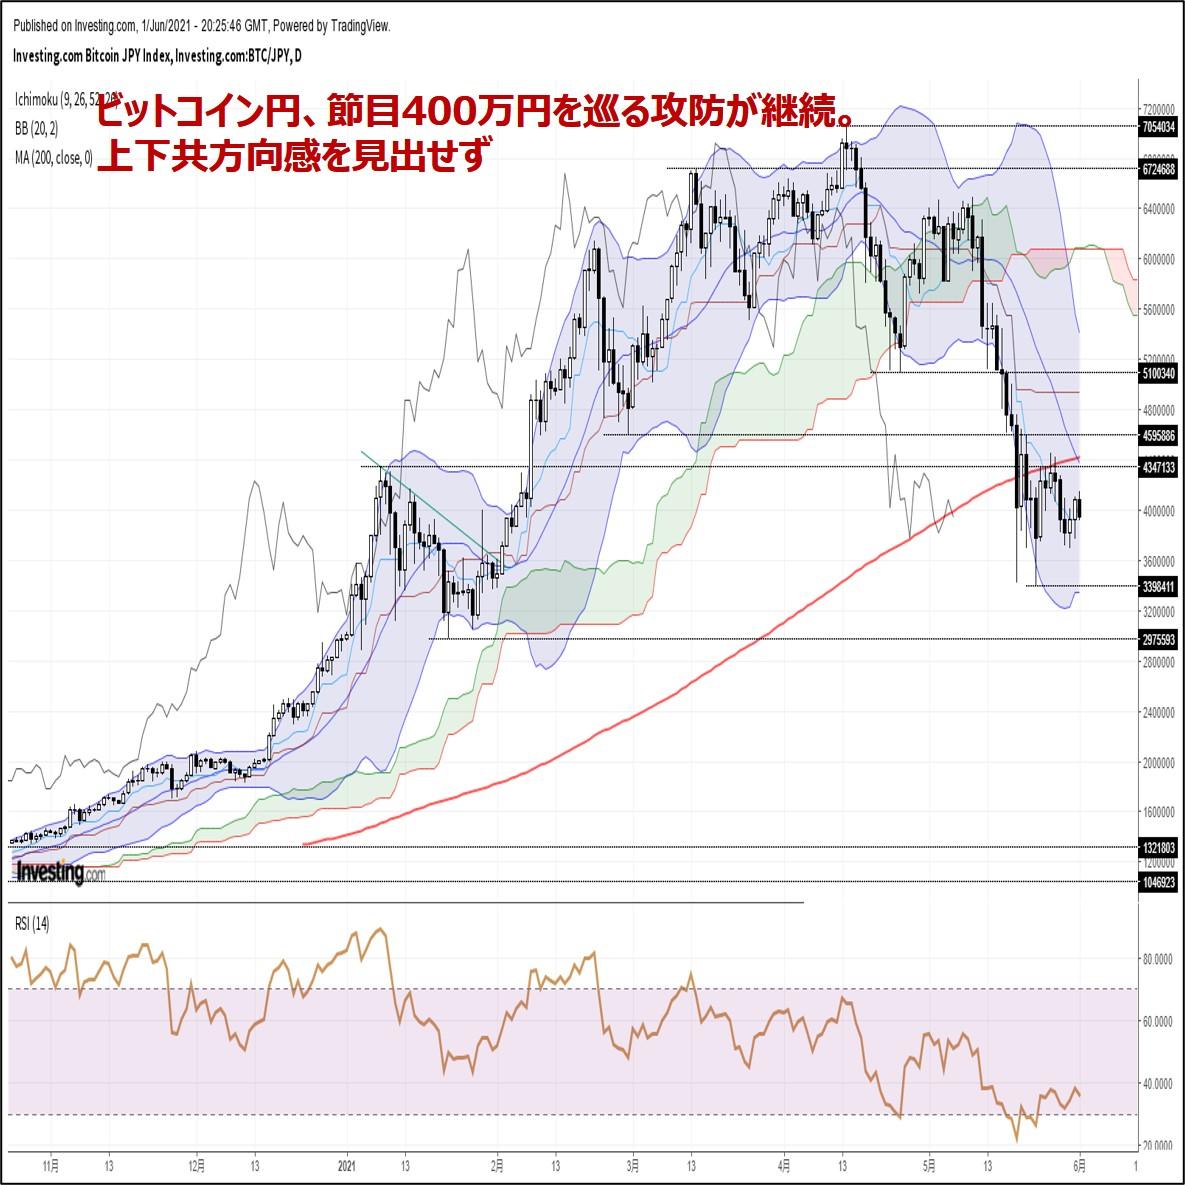 ビットコイン円、節目400万円を巡る攻防が継続。下落リスクに引き続き警戒(6/2朝)